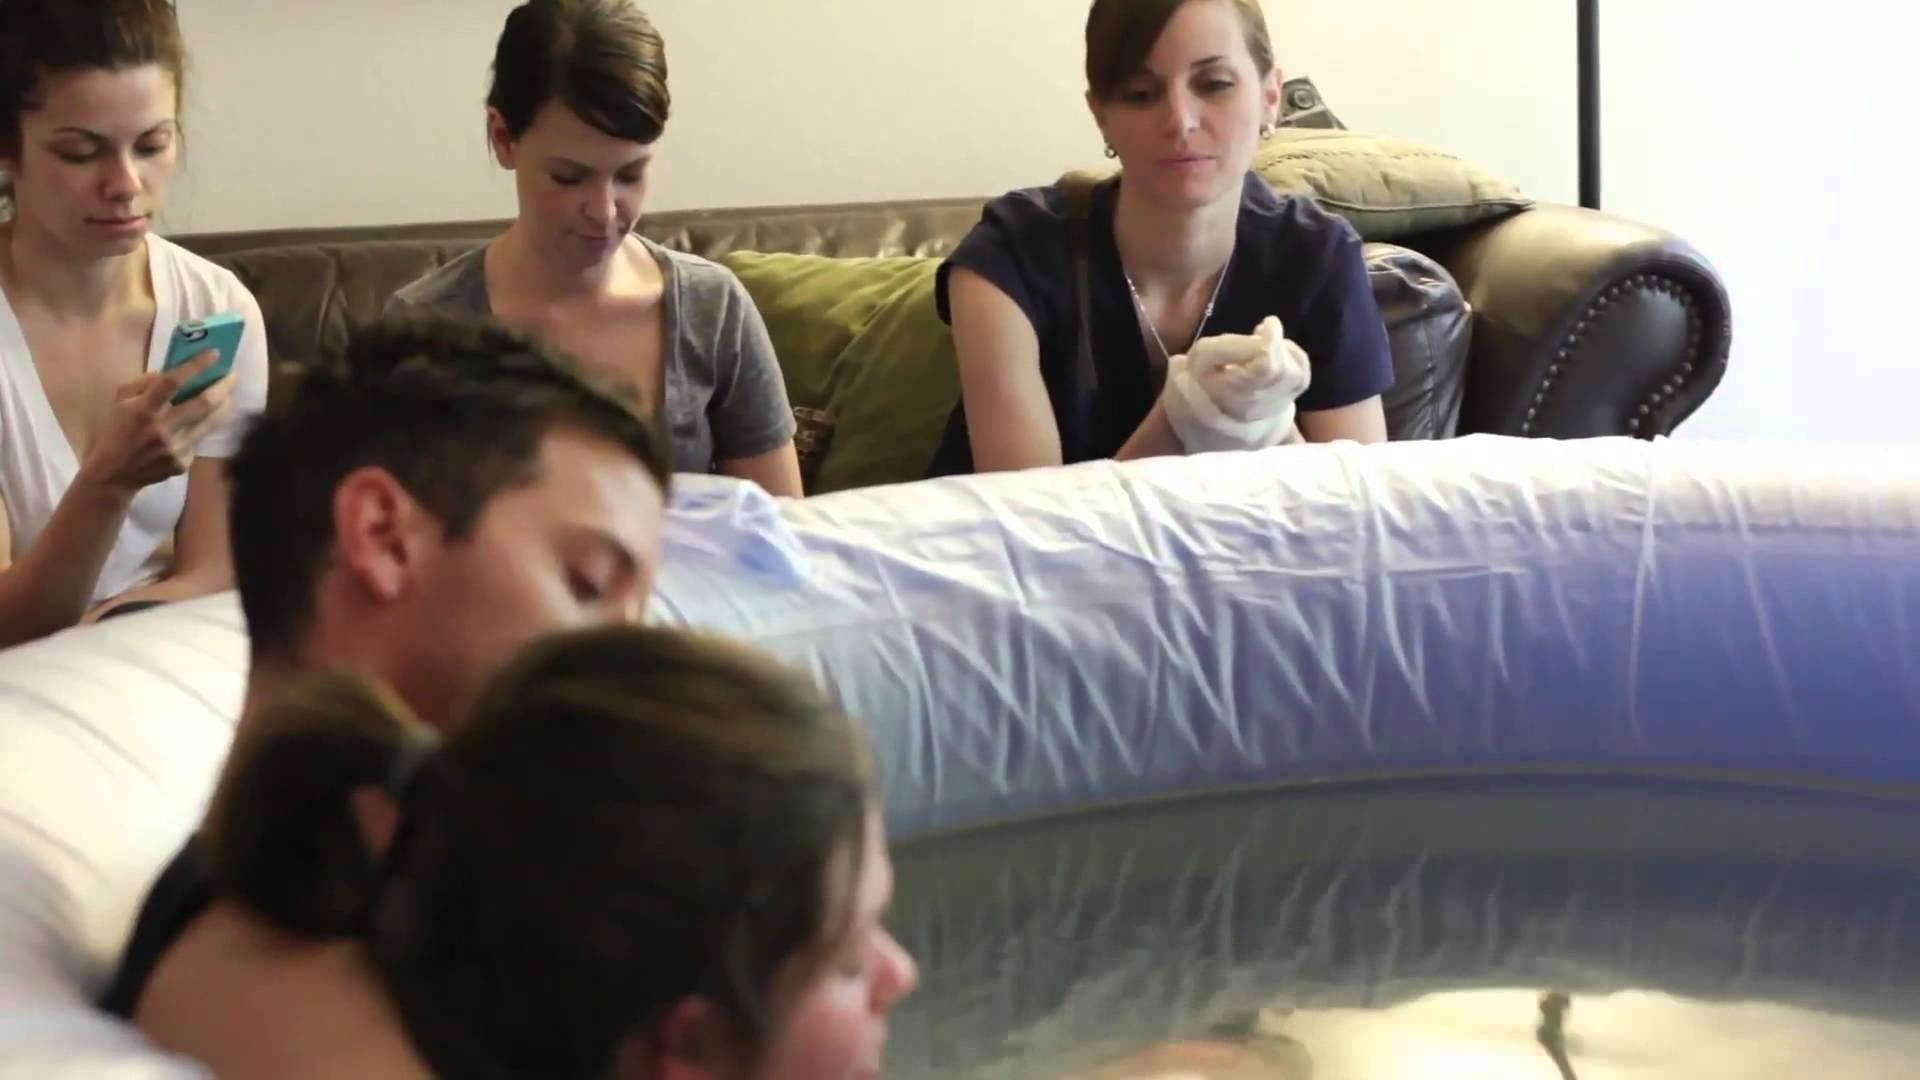 L'accouchement à domicile n'est pas recommandé pour les femmes à risques